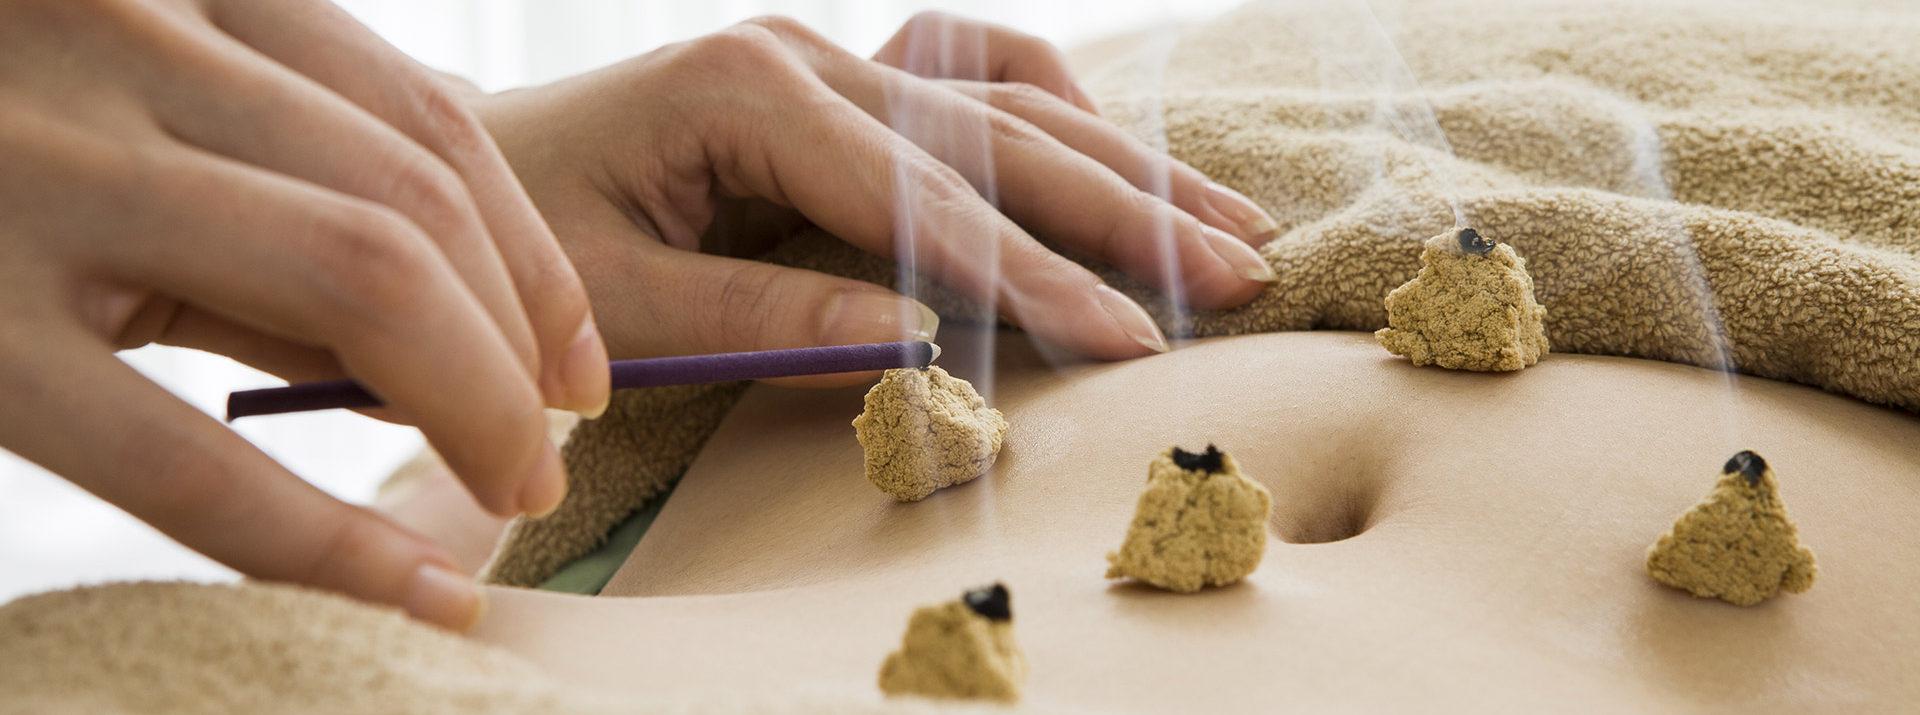 La moxa permette di alleviare i disturbi aggravati dal freddo e dall'umido.